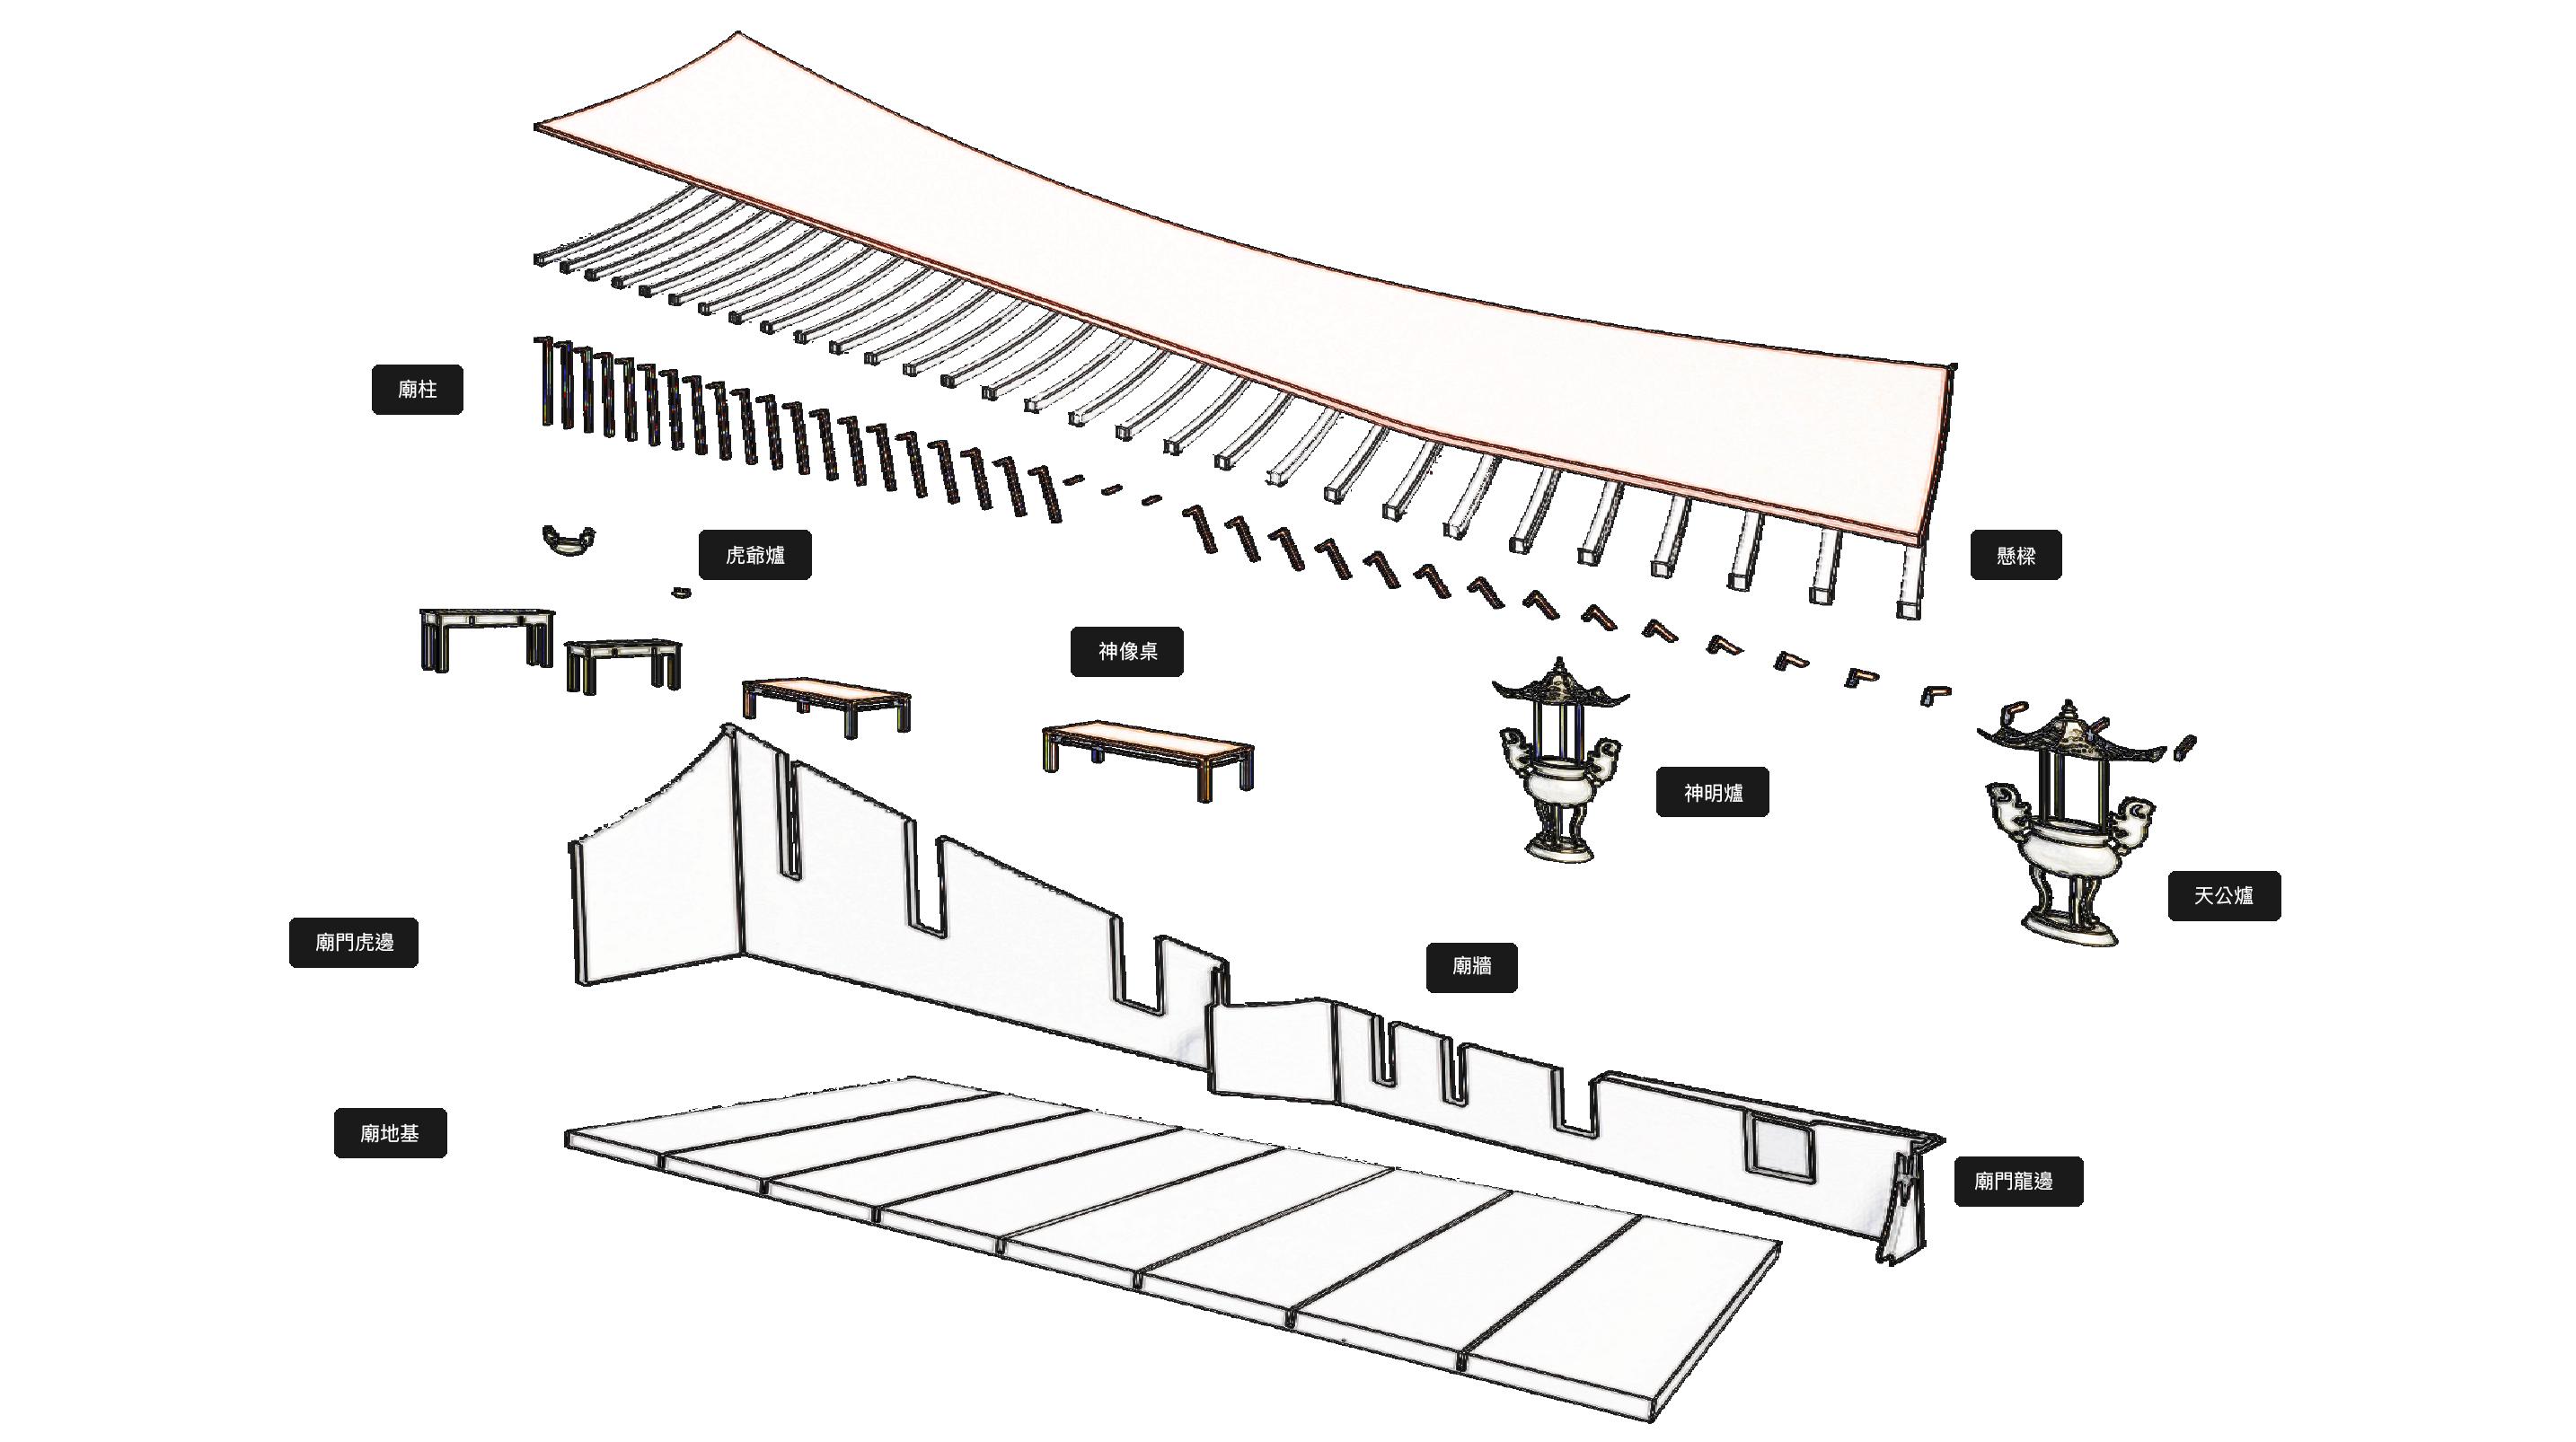 蓋廟建物捐贈